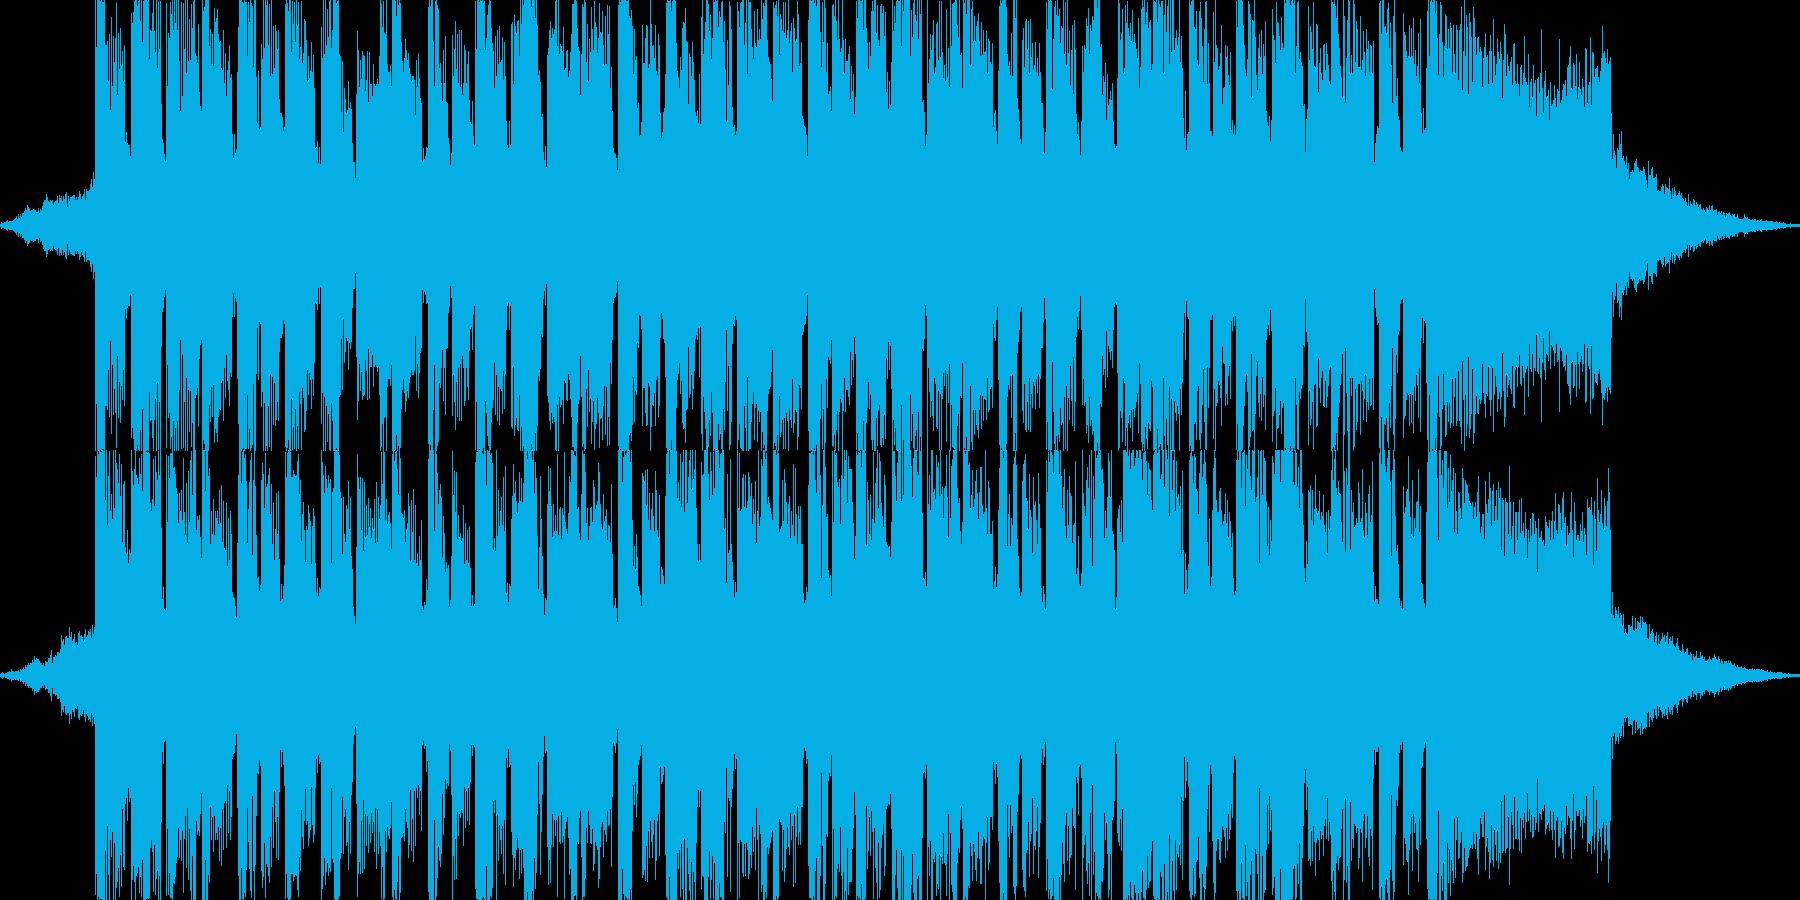 明るめな4つ打ちダンス系のジングルの再生済みの波形